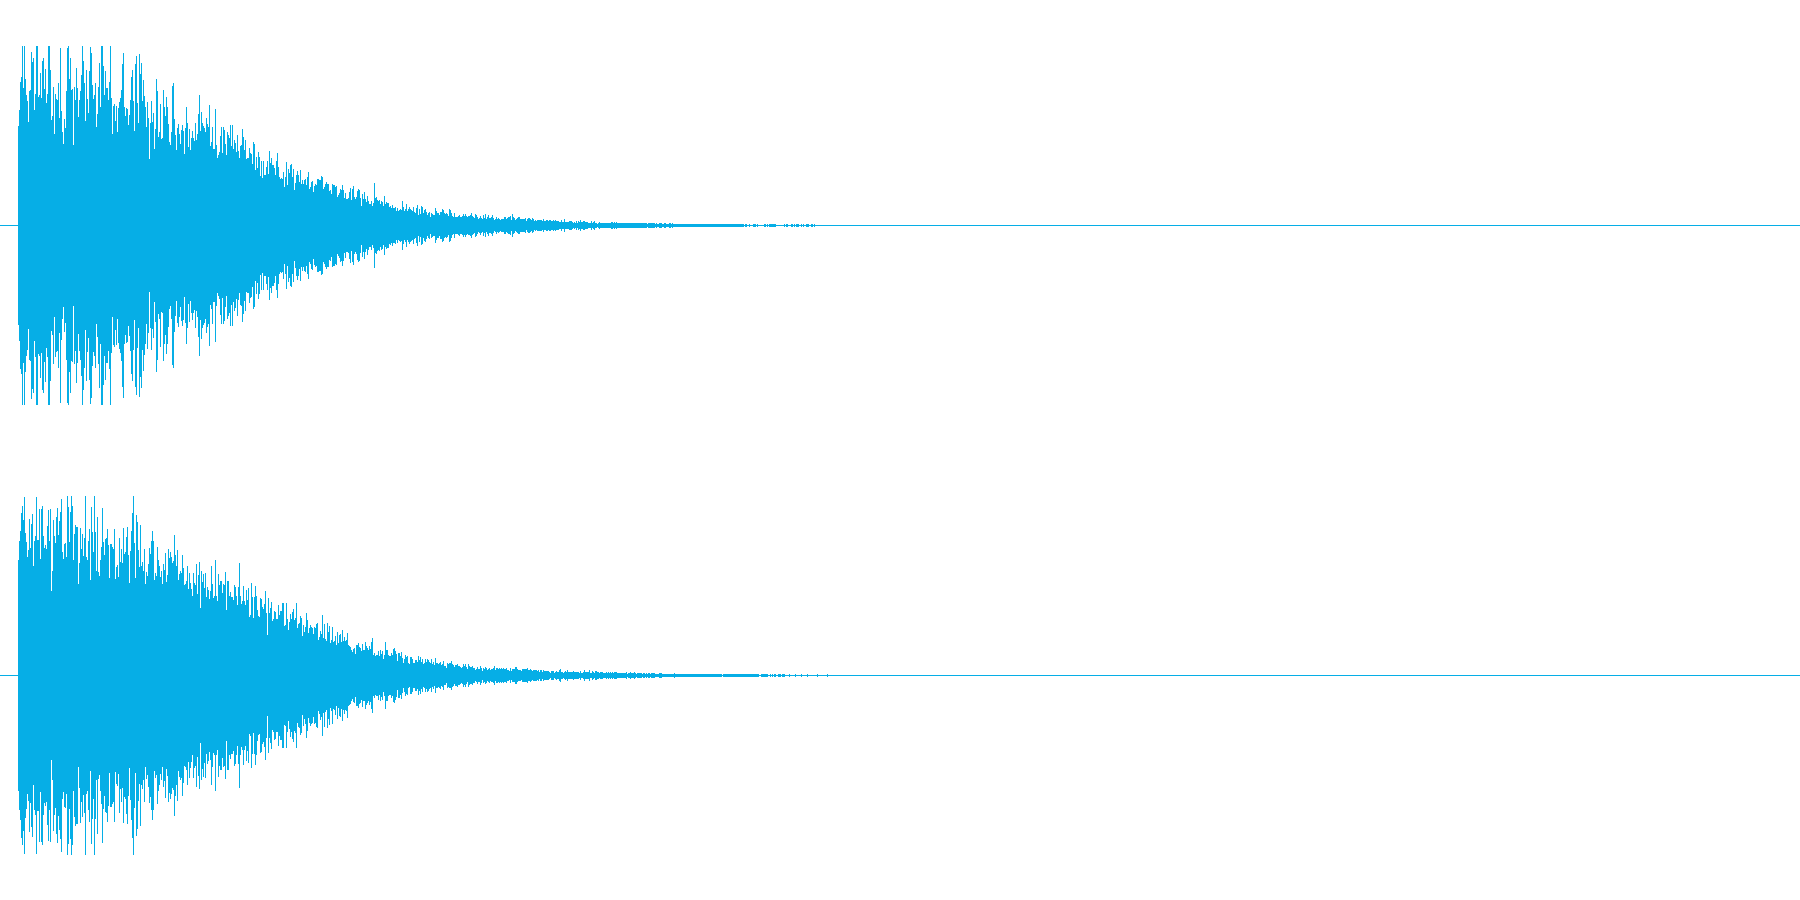 レーザー音-148-1の再生済みの波形